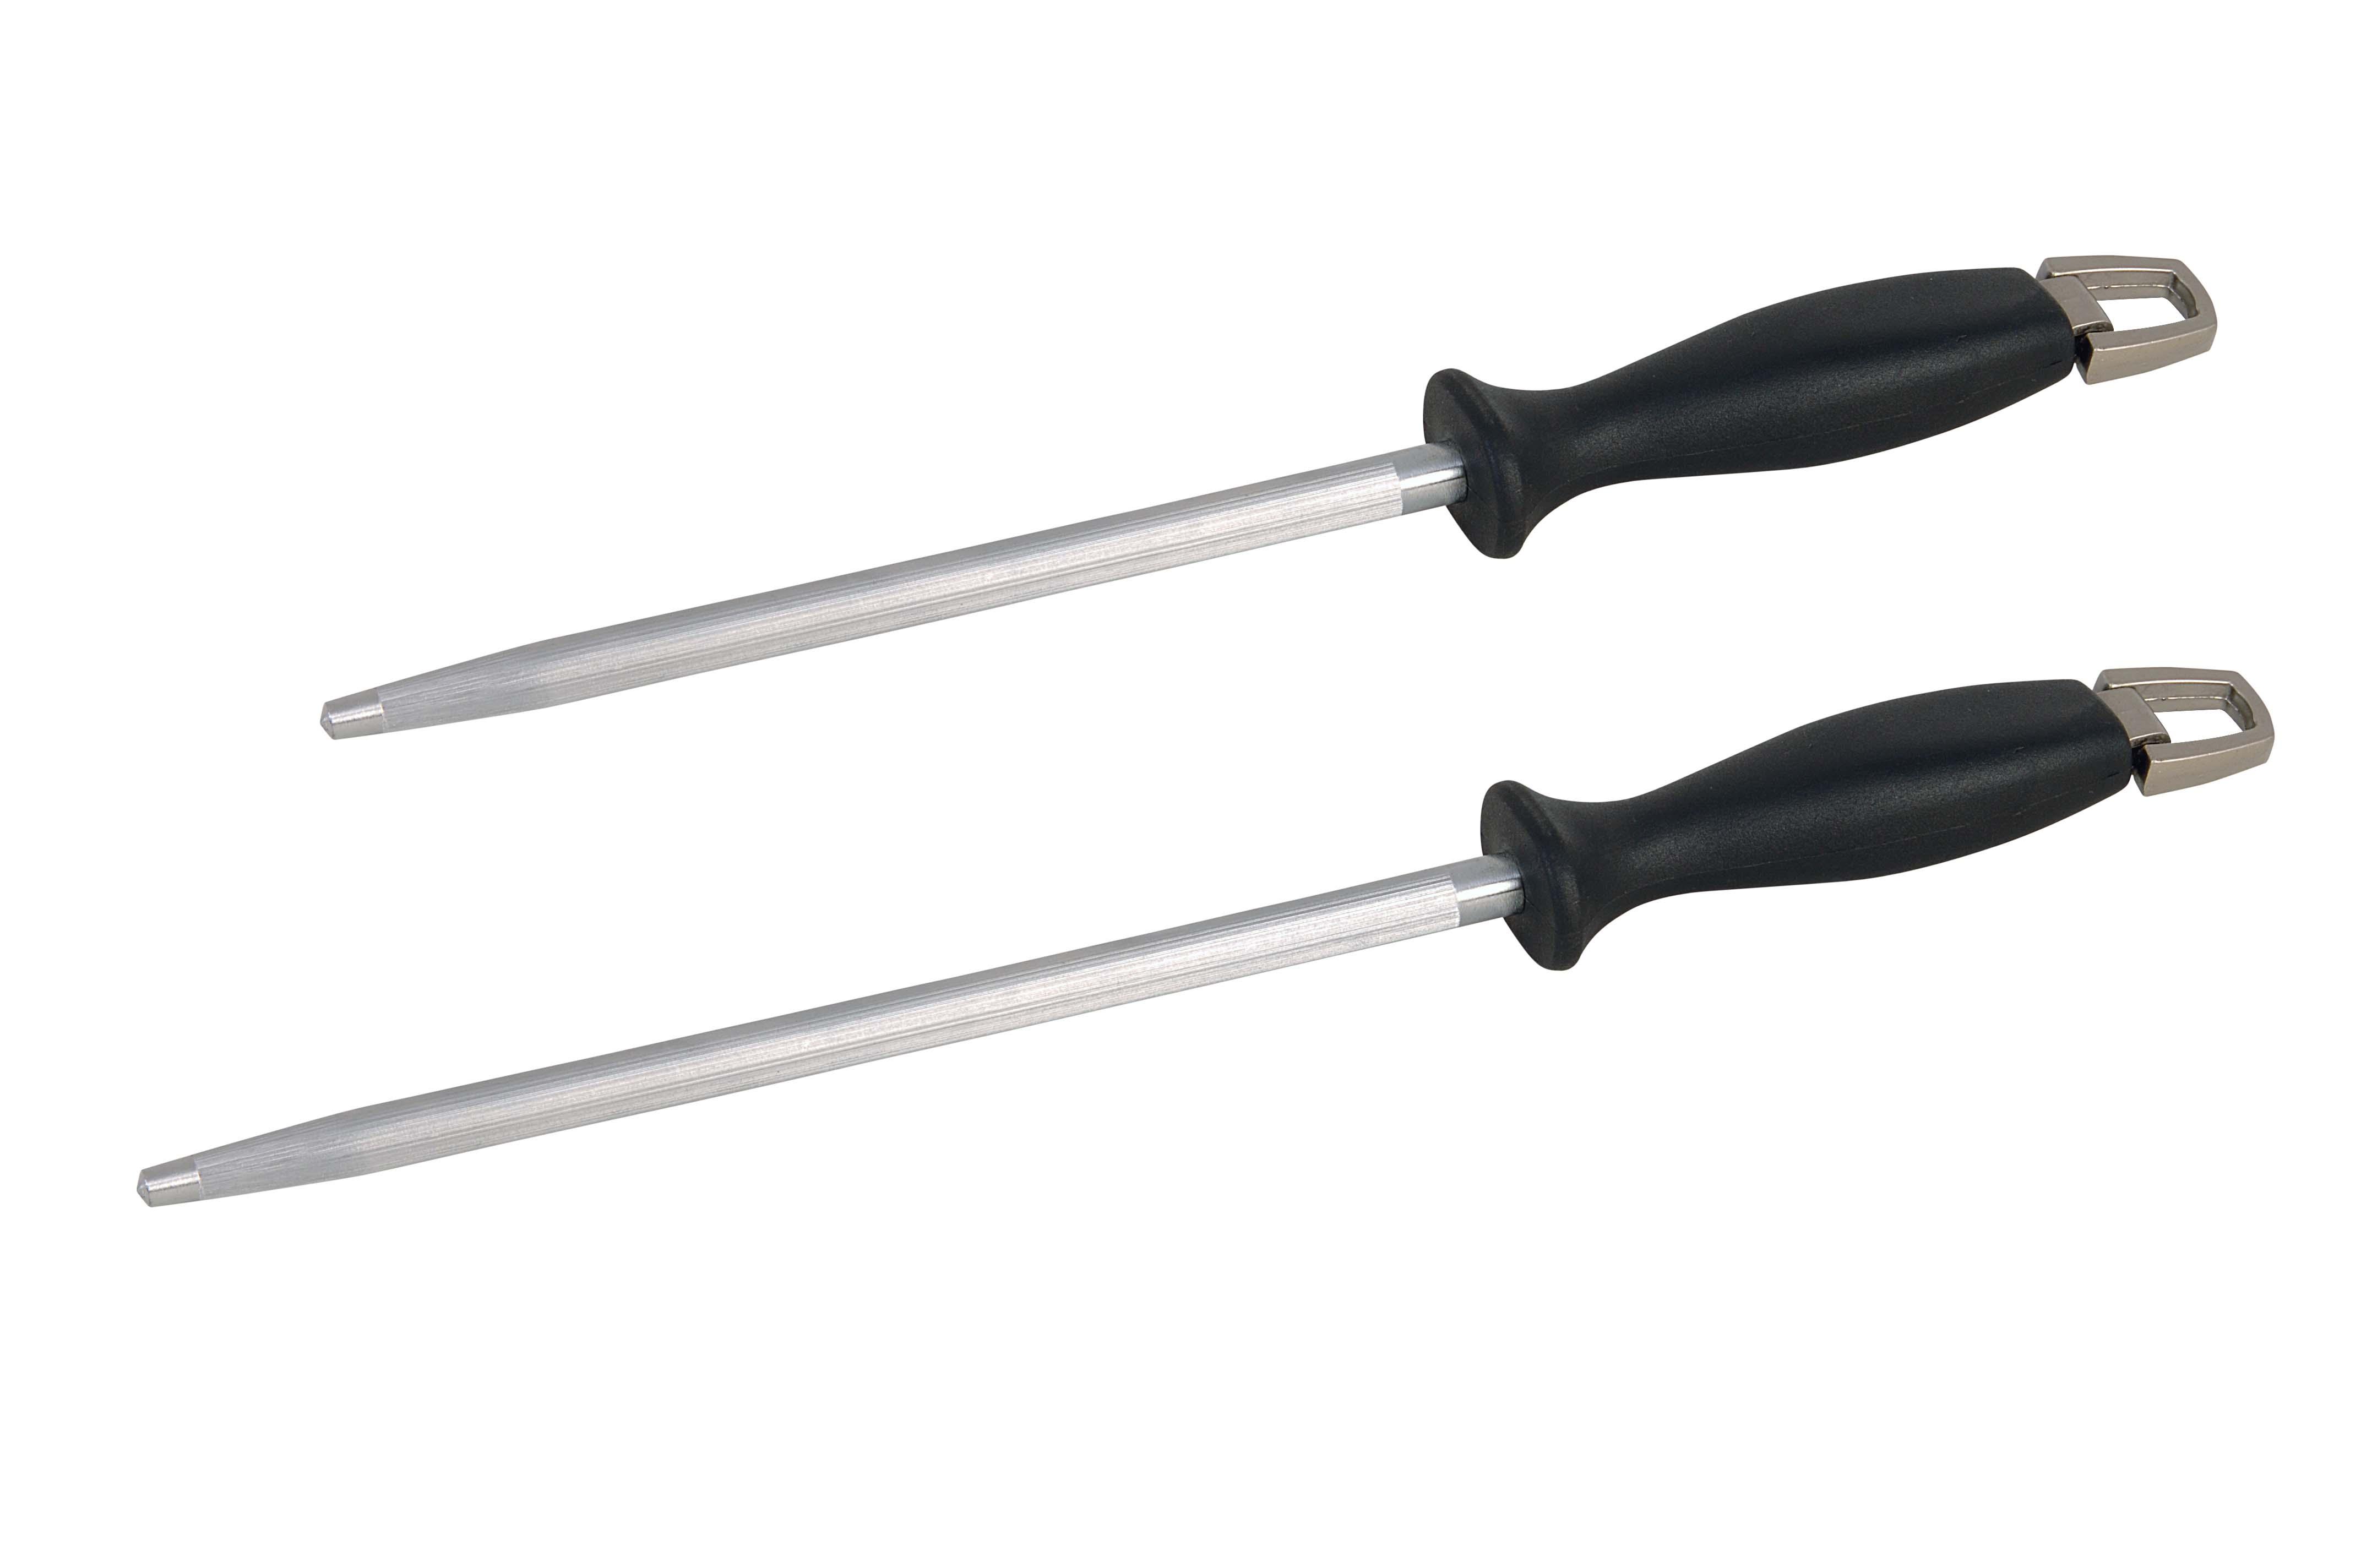 ssm0350--sharpening-steel-grunter--350mm